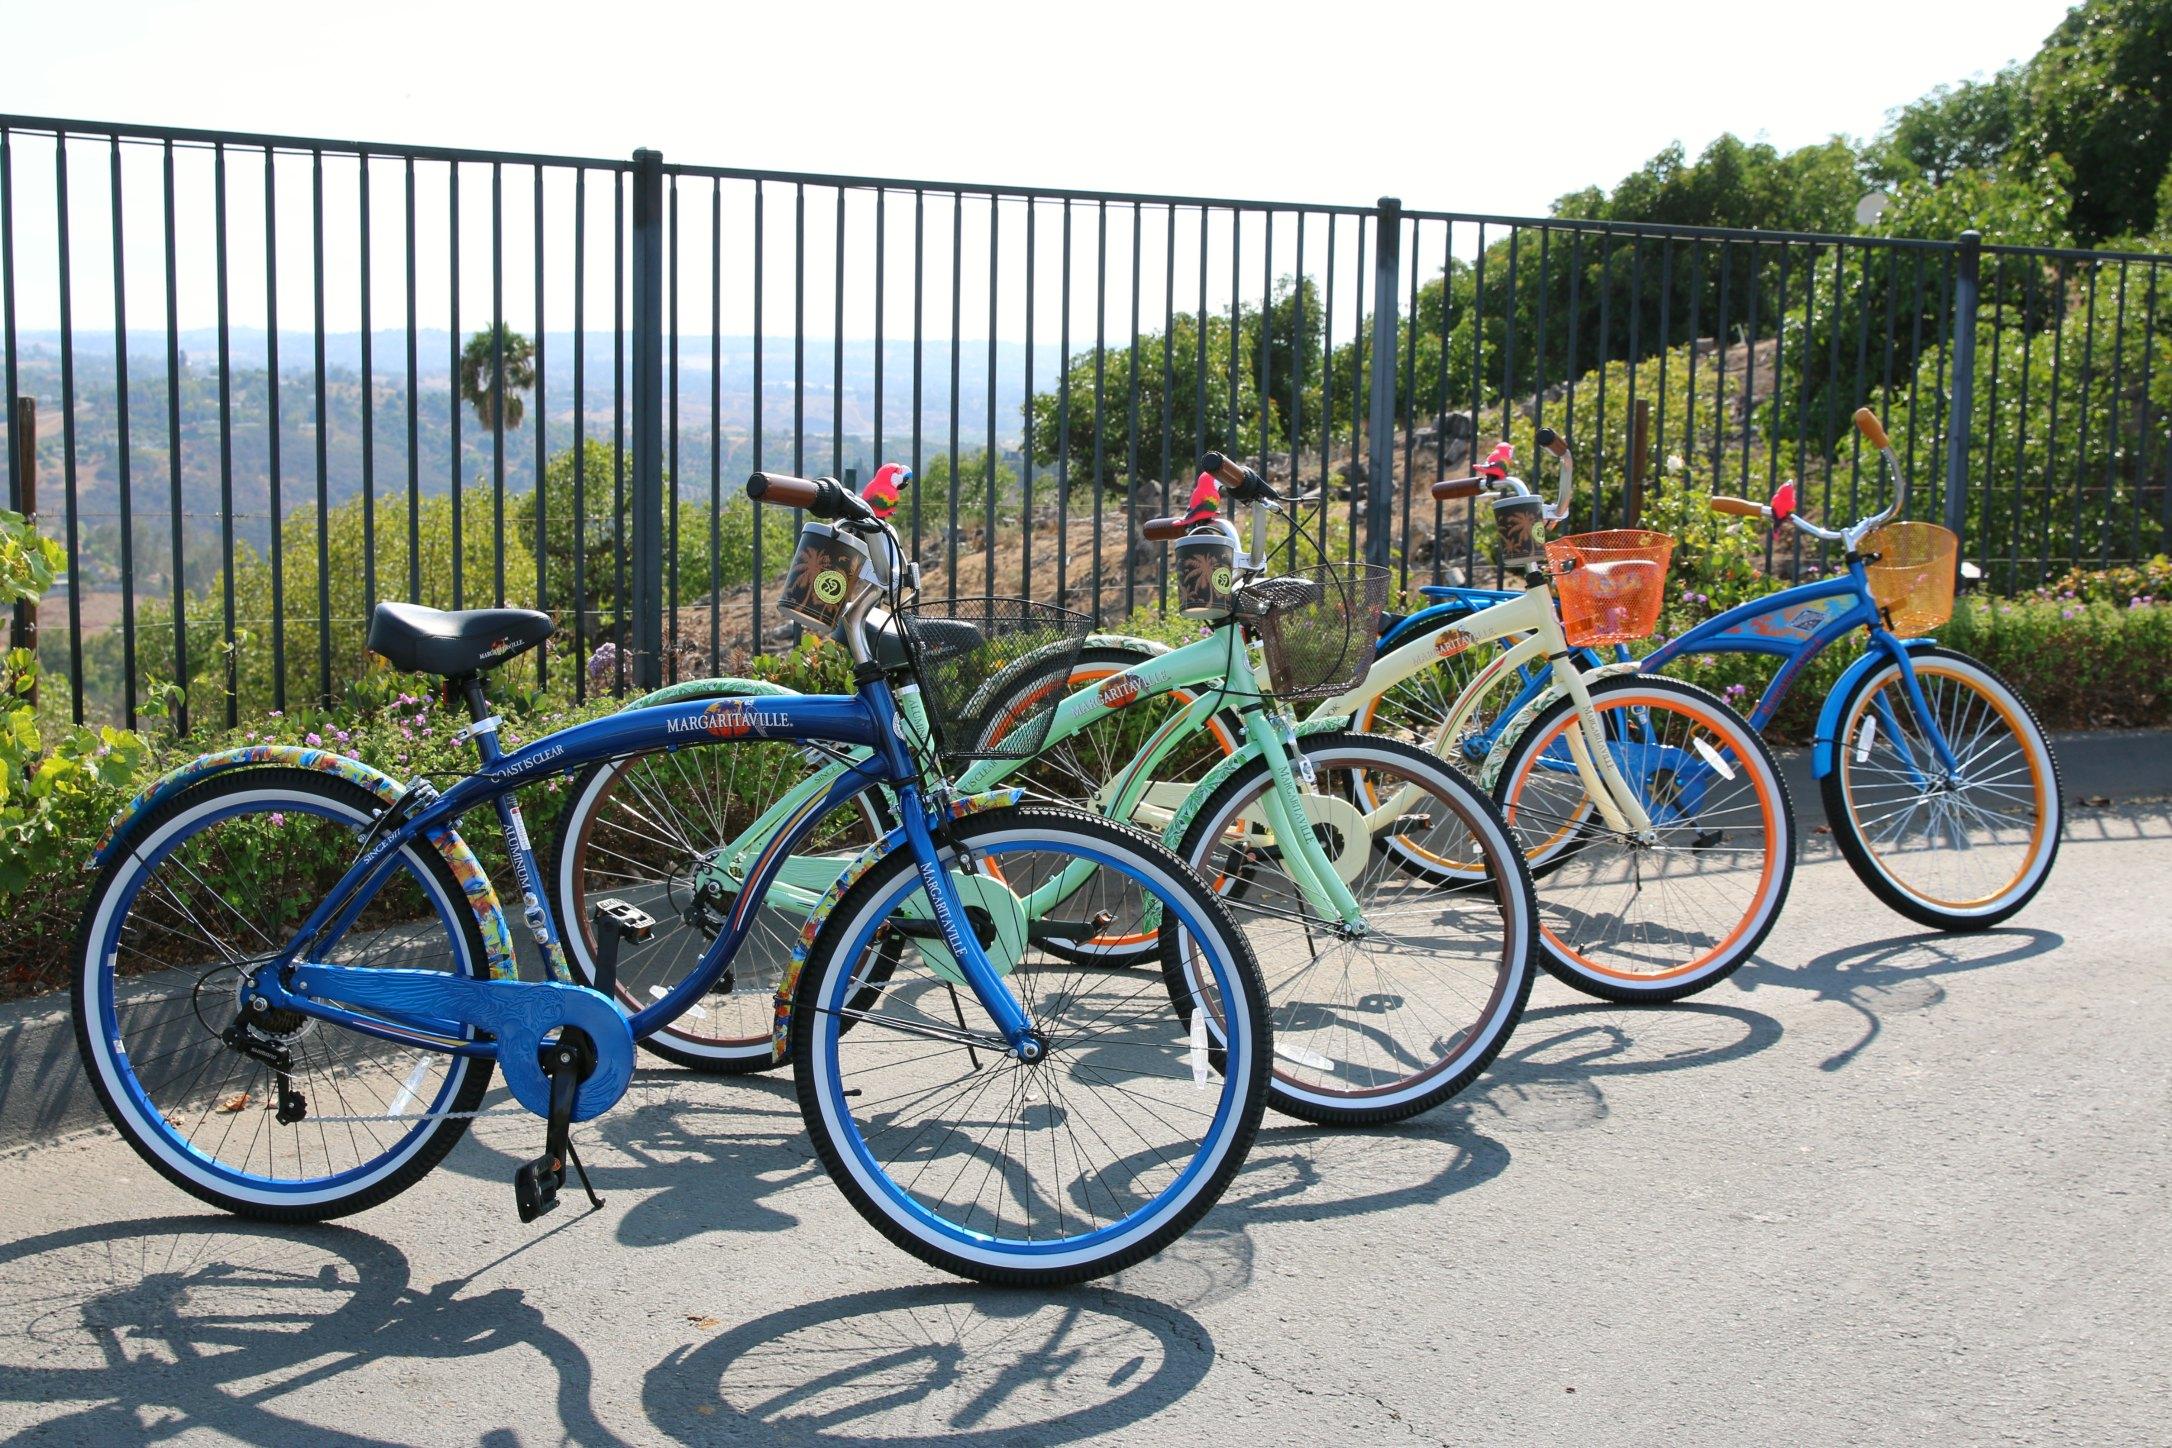 margaritaville bikes